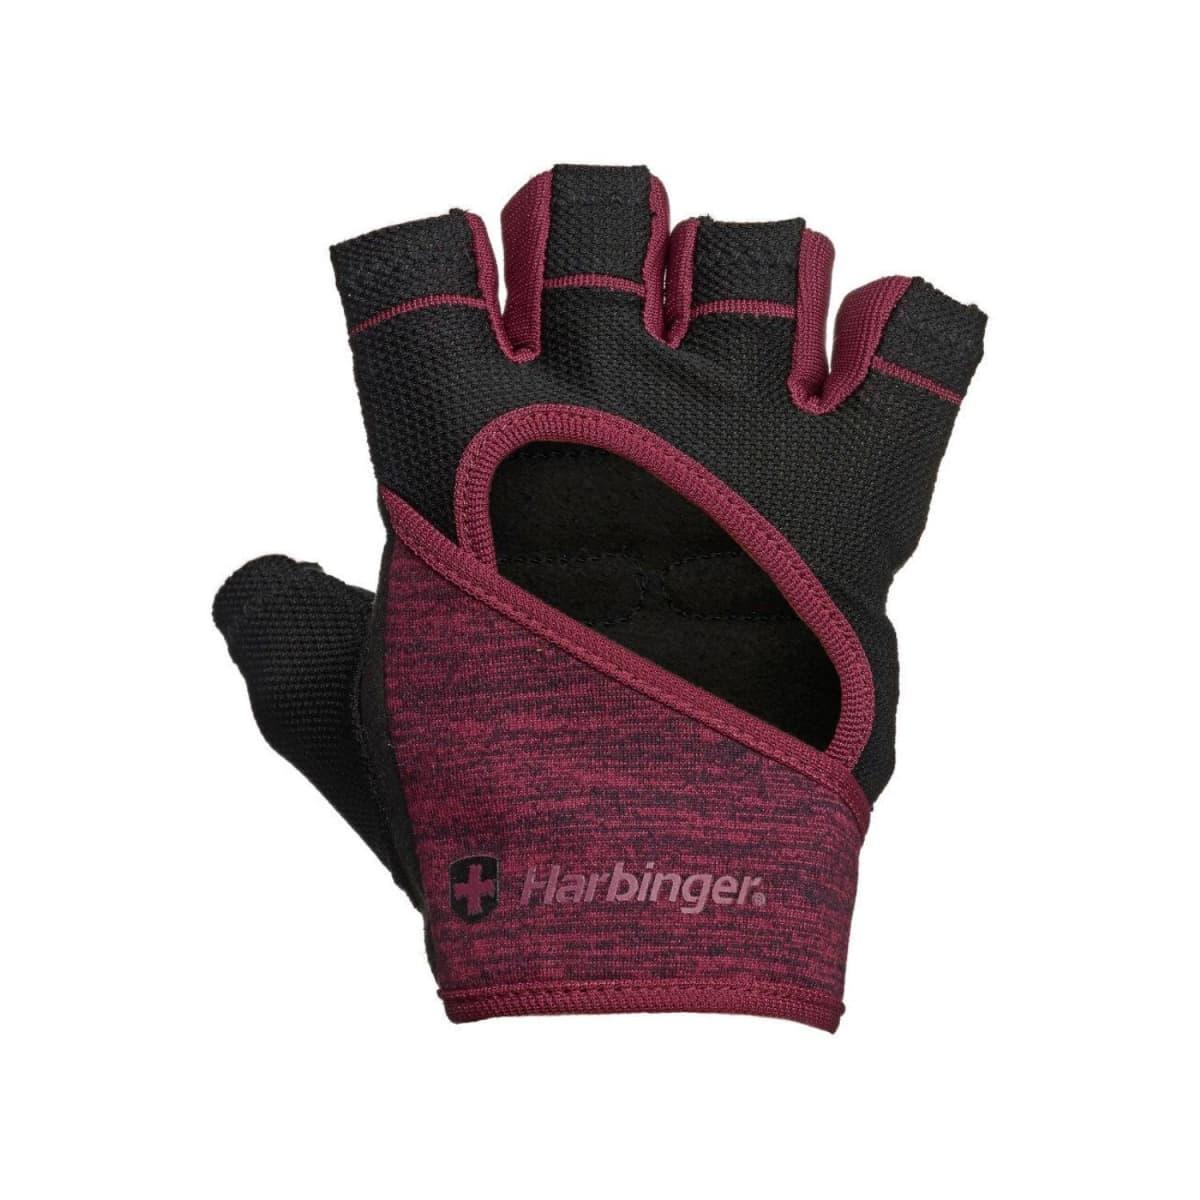 c118cfea Product Image. Harbinger Womens Flexfit Glove